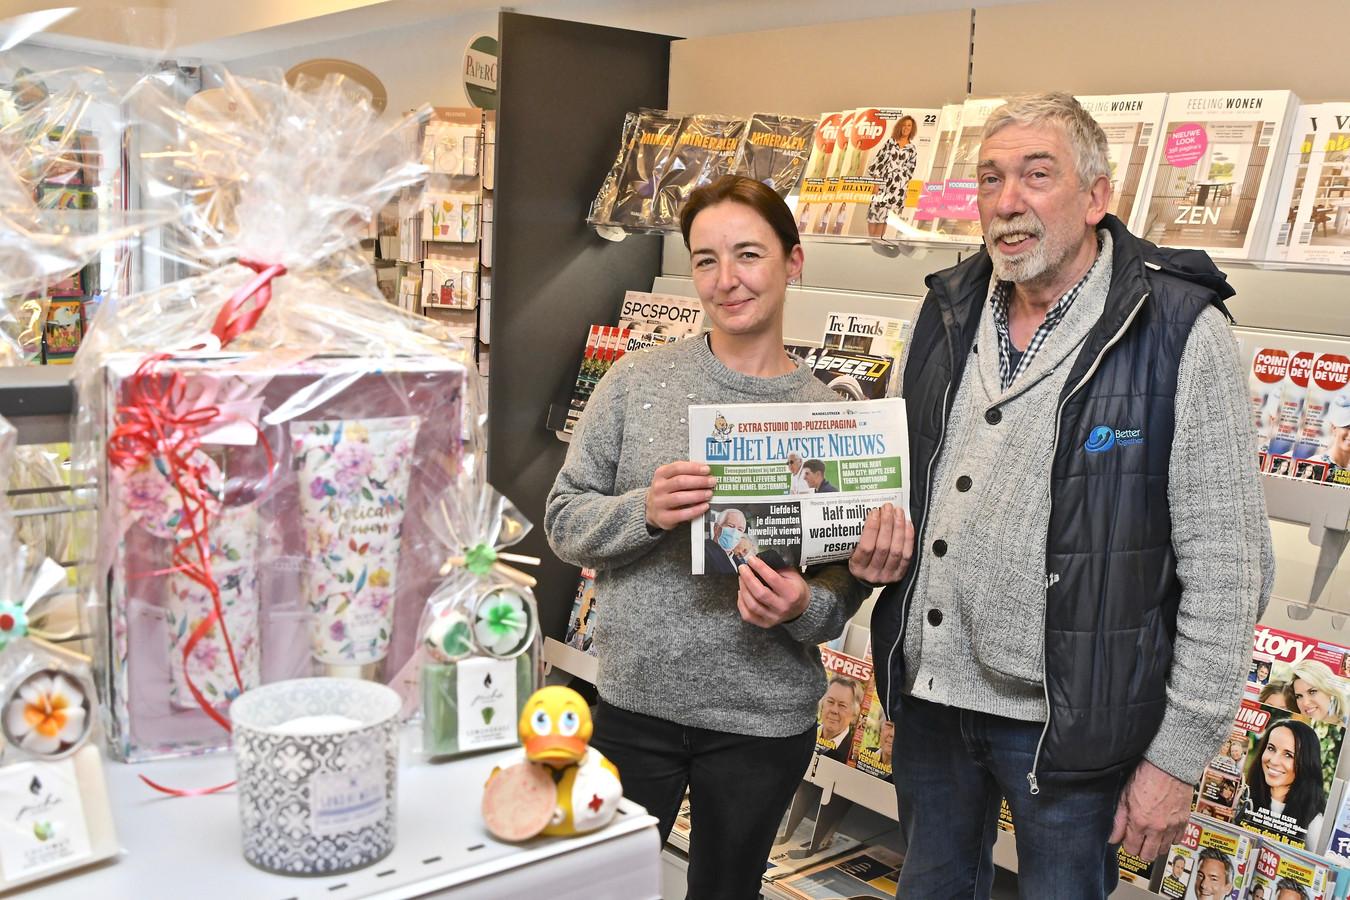 't Krantje is de derde krantenzaak voor Stefaan Cotteny. Carmen Valcke is er één van de vertrouwde gezichten achter de kassa.